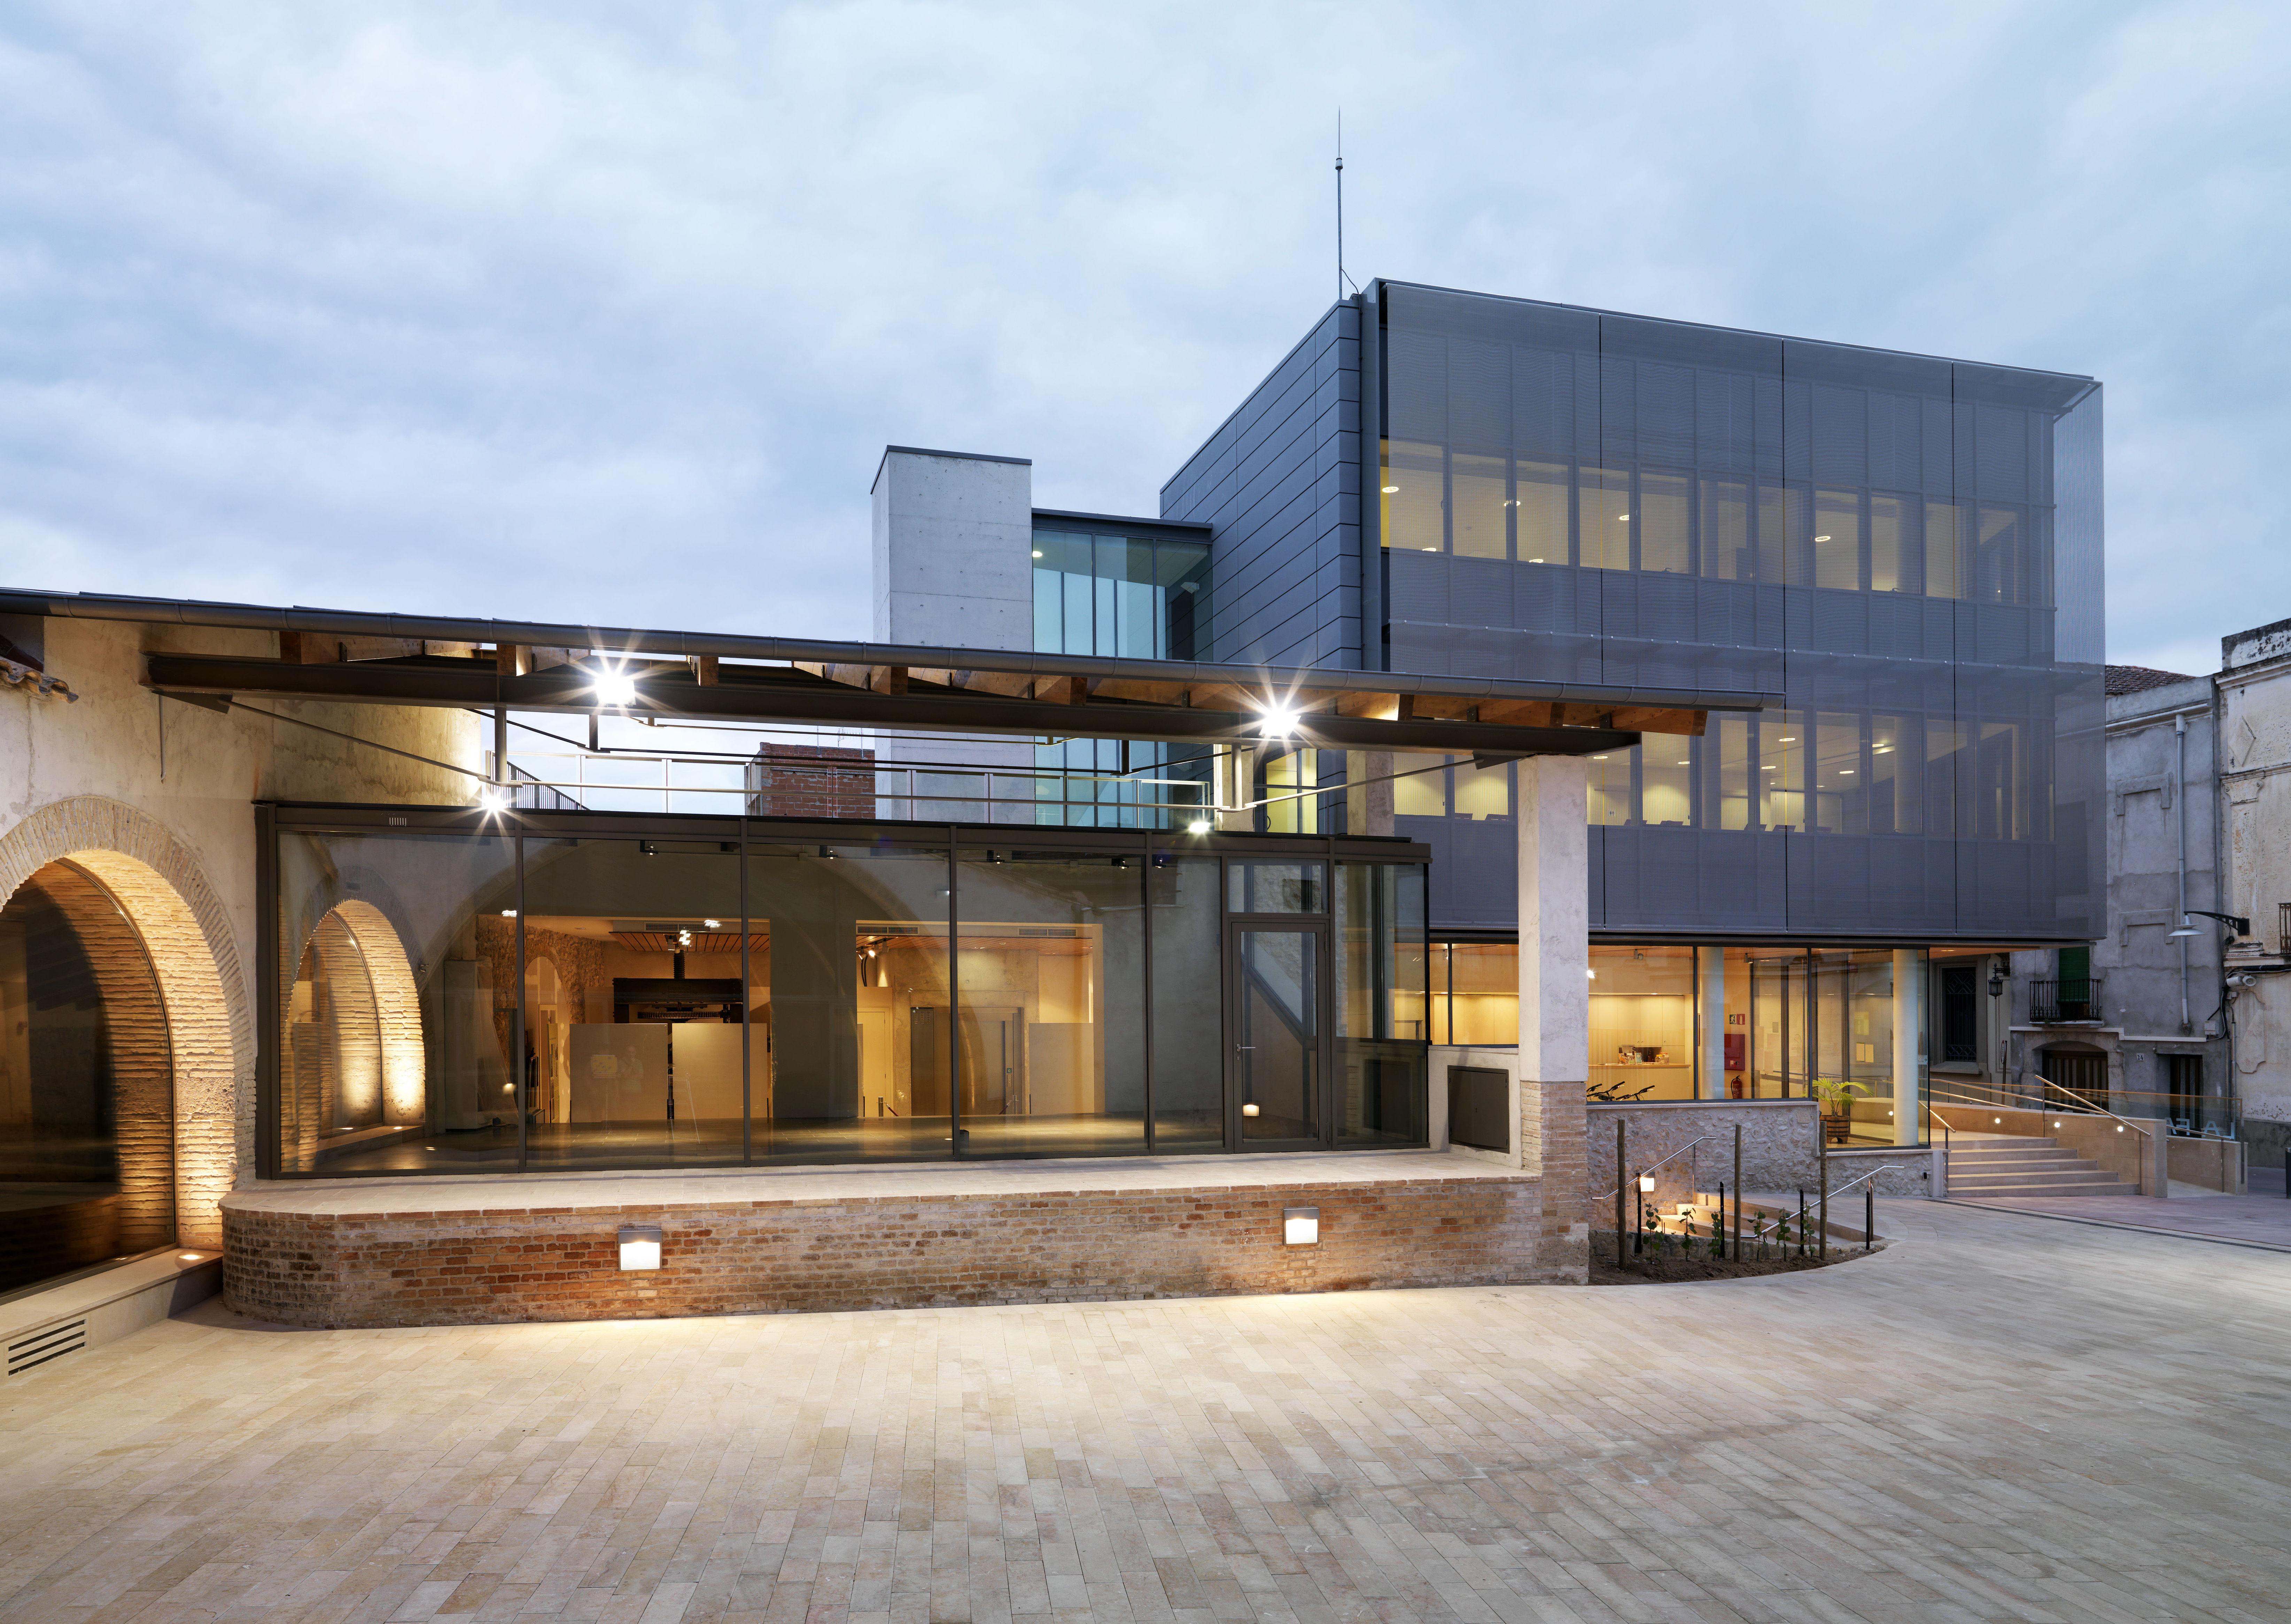 Foto 29 de Instalaciones de climatización, electricidad y eficiencia energética en Esplugues de Llobregat | Tecnotrol